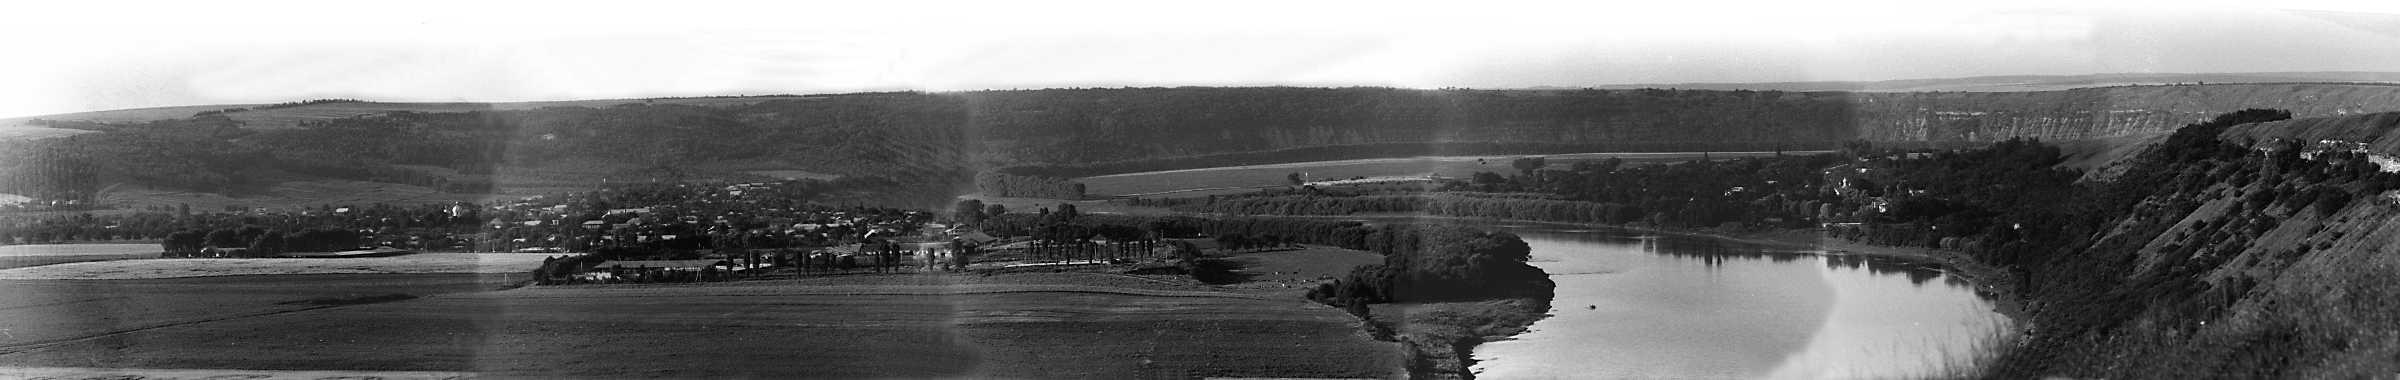 1991 р. Панорама луки Дністра з видном…